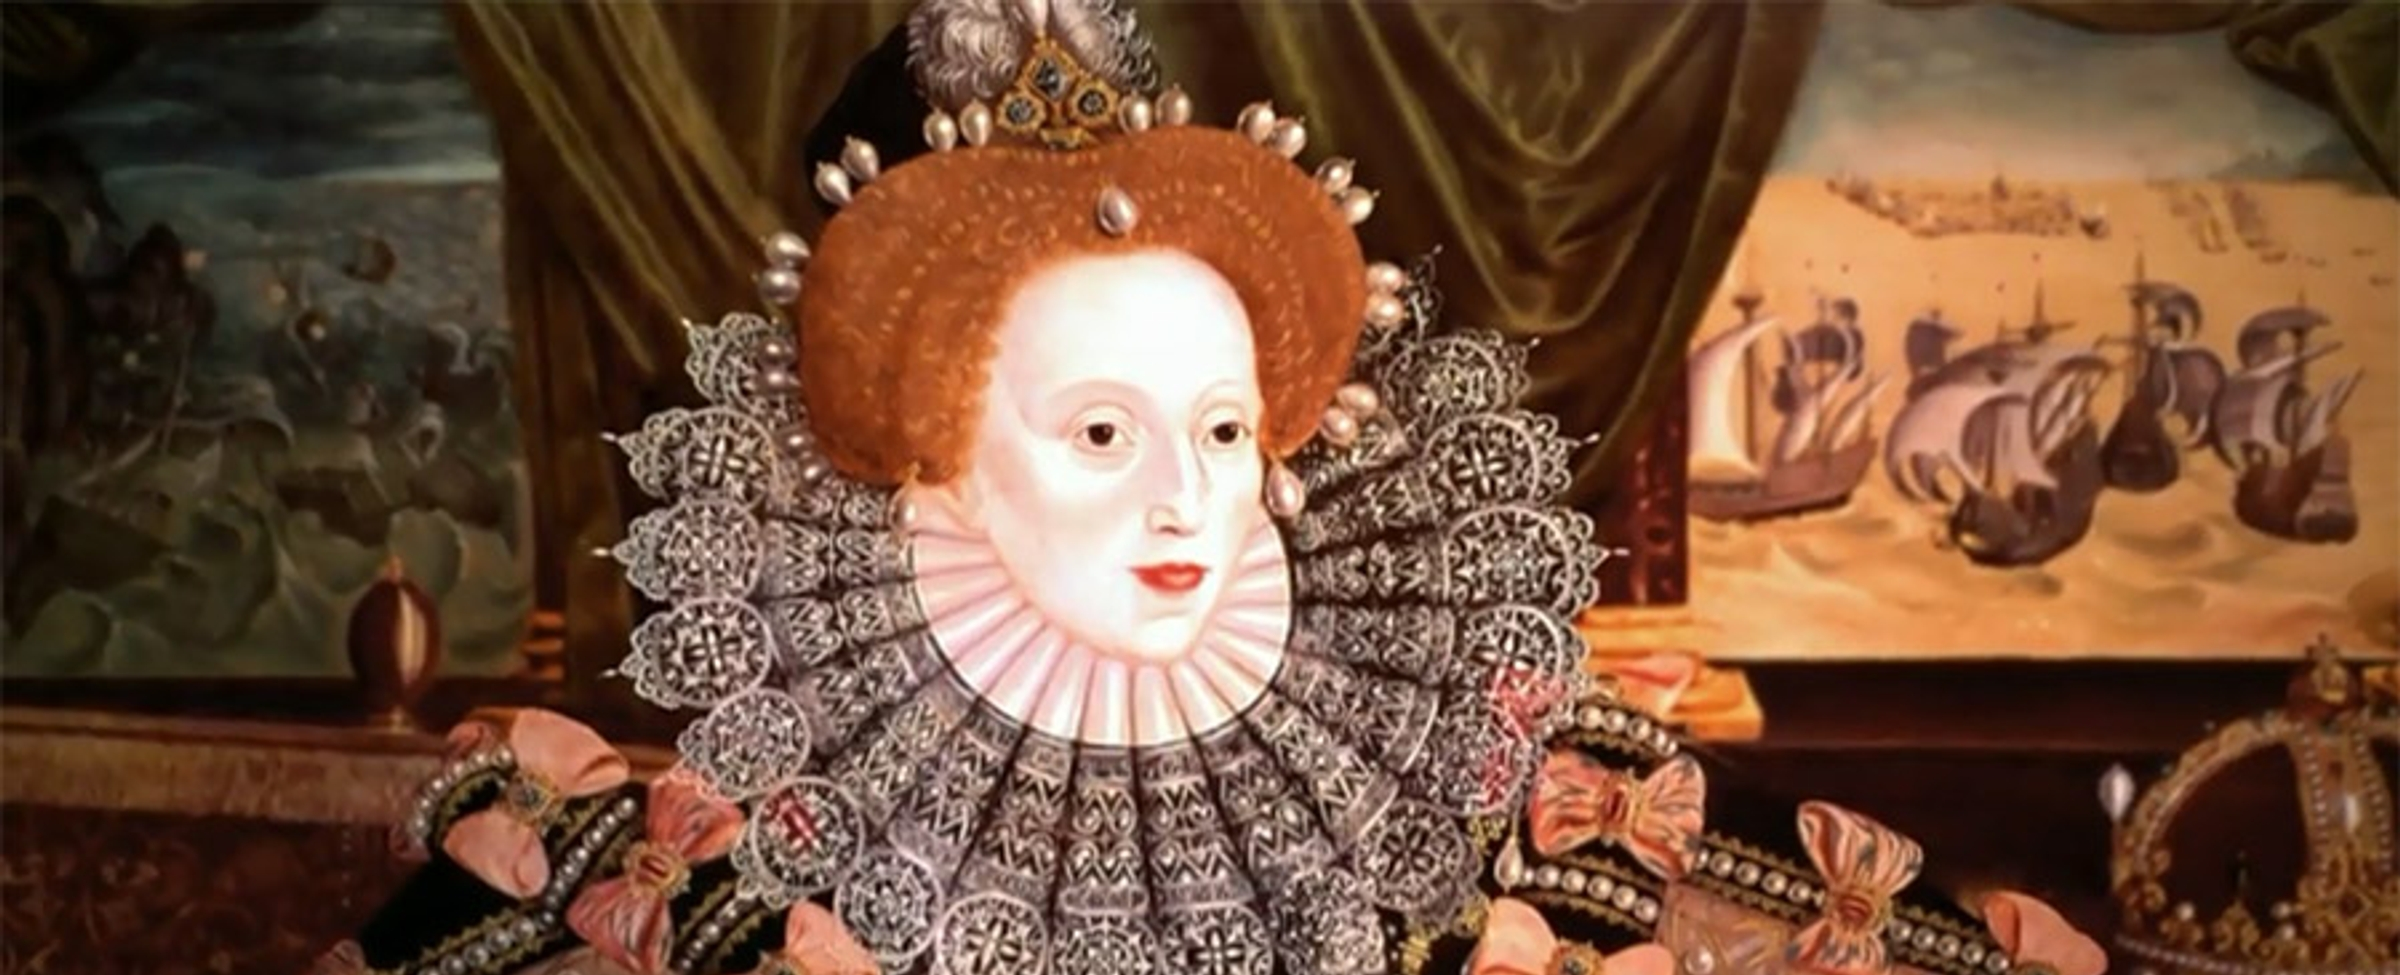 Alžběta I. - Vraždící královna